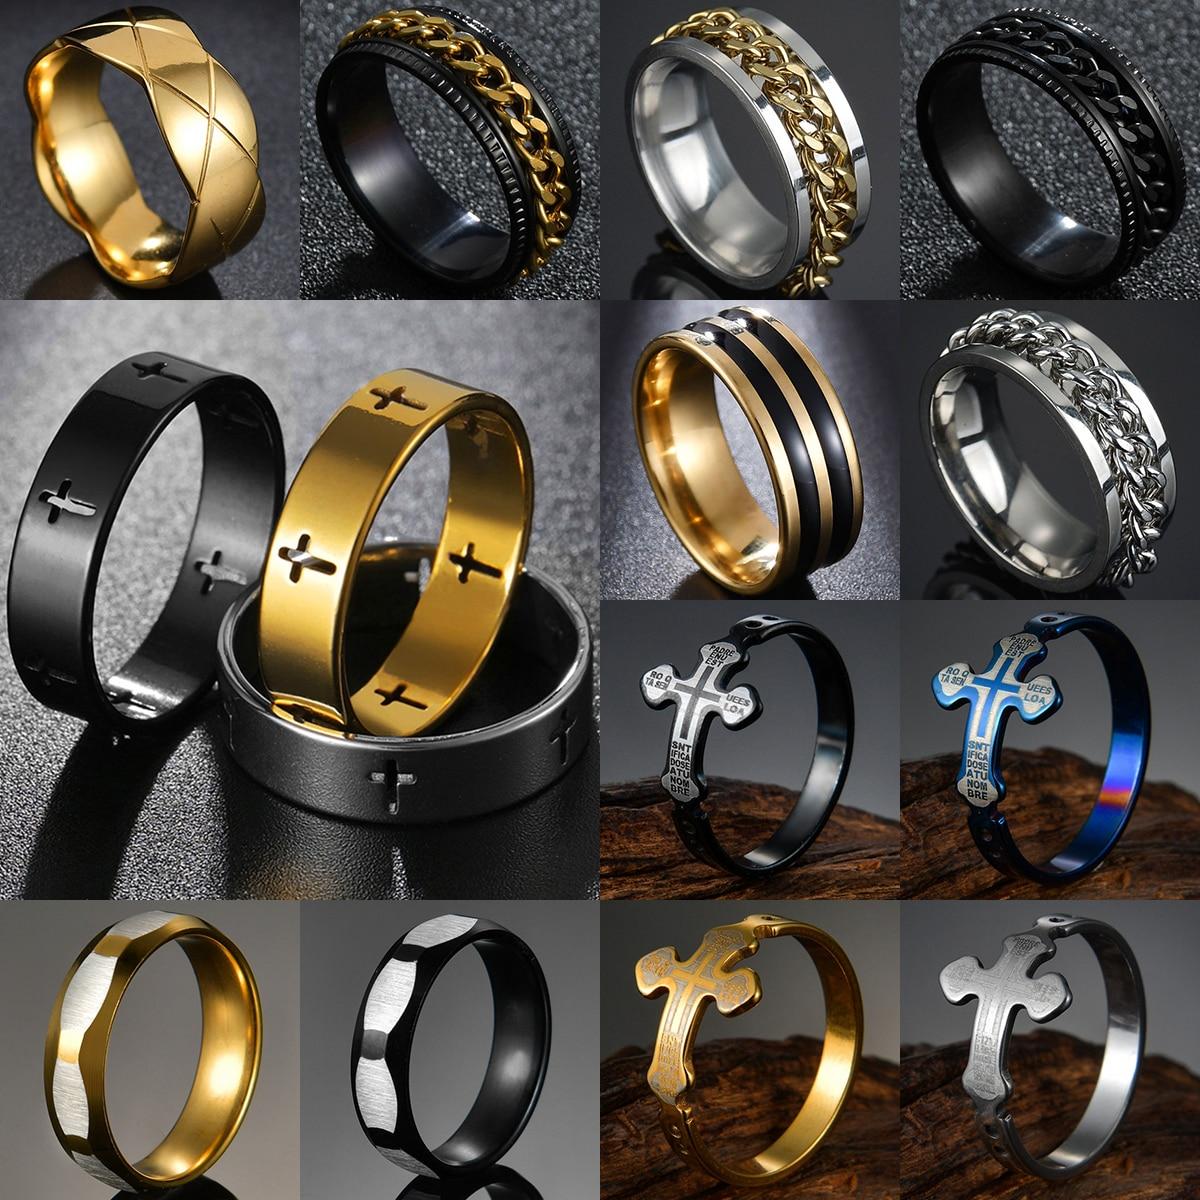 Новинка 2021, модное золотое, серебристое, черное, из нержавеющей стали, в стиле панк, для мужчин и женщин, с крестом, гладкое, свадебный подарок...